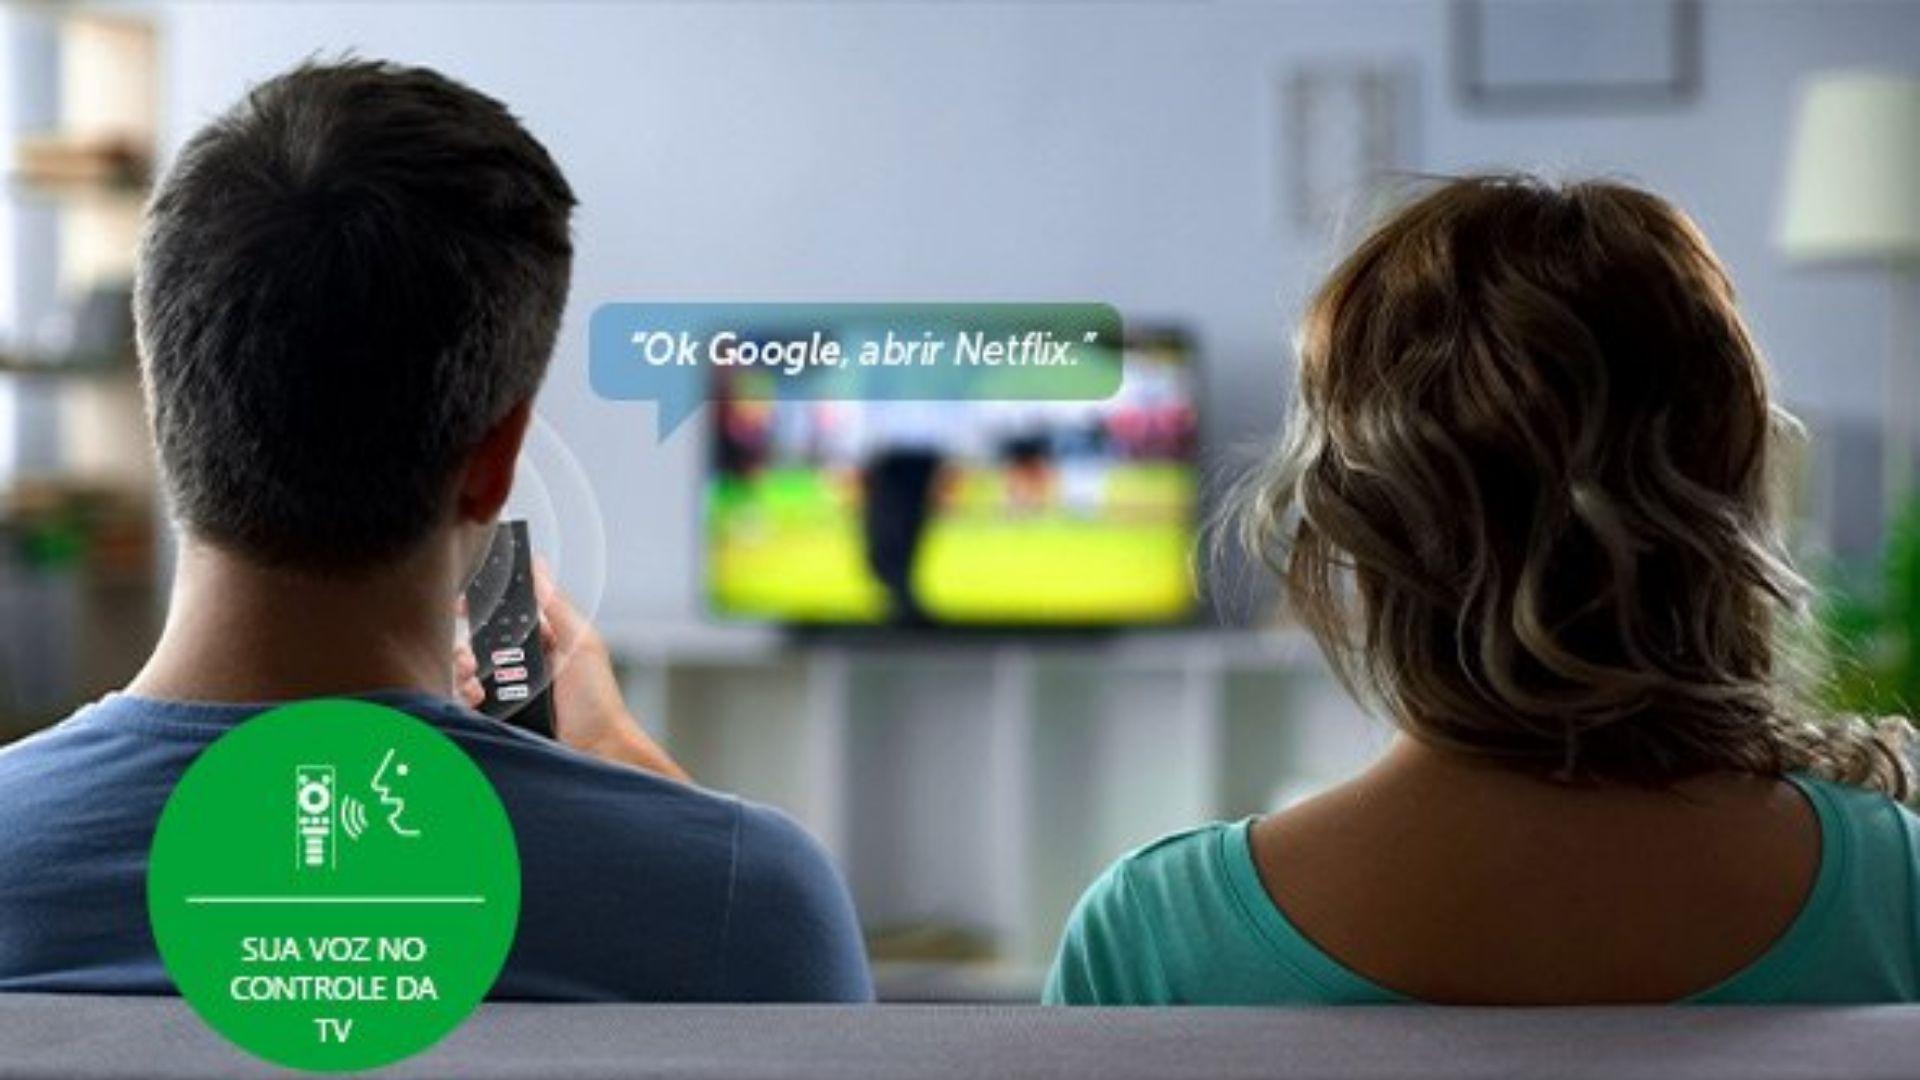 TV Box da Intelbras chega com suporte à Google Assistente e comando de voz, para você deixar sua casa ainda mais conectada. (Imagem: Divulgação/Intelbras)